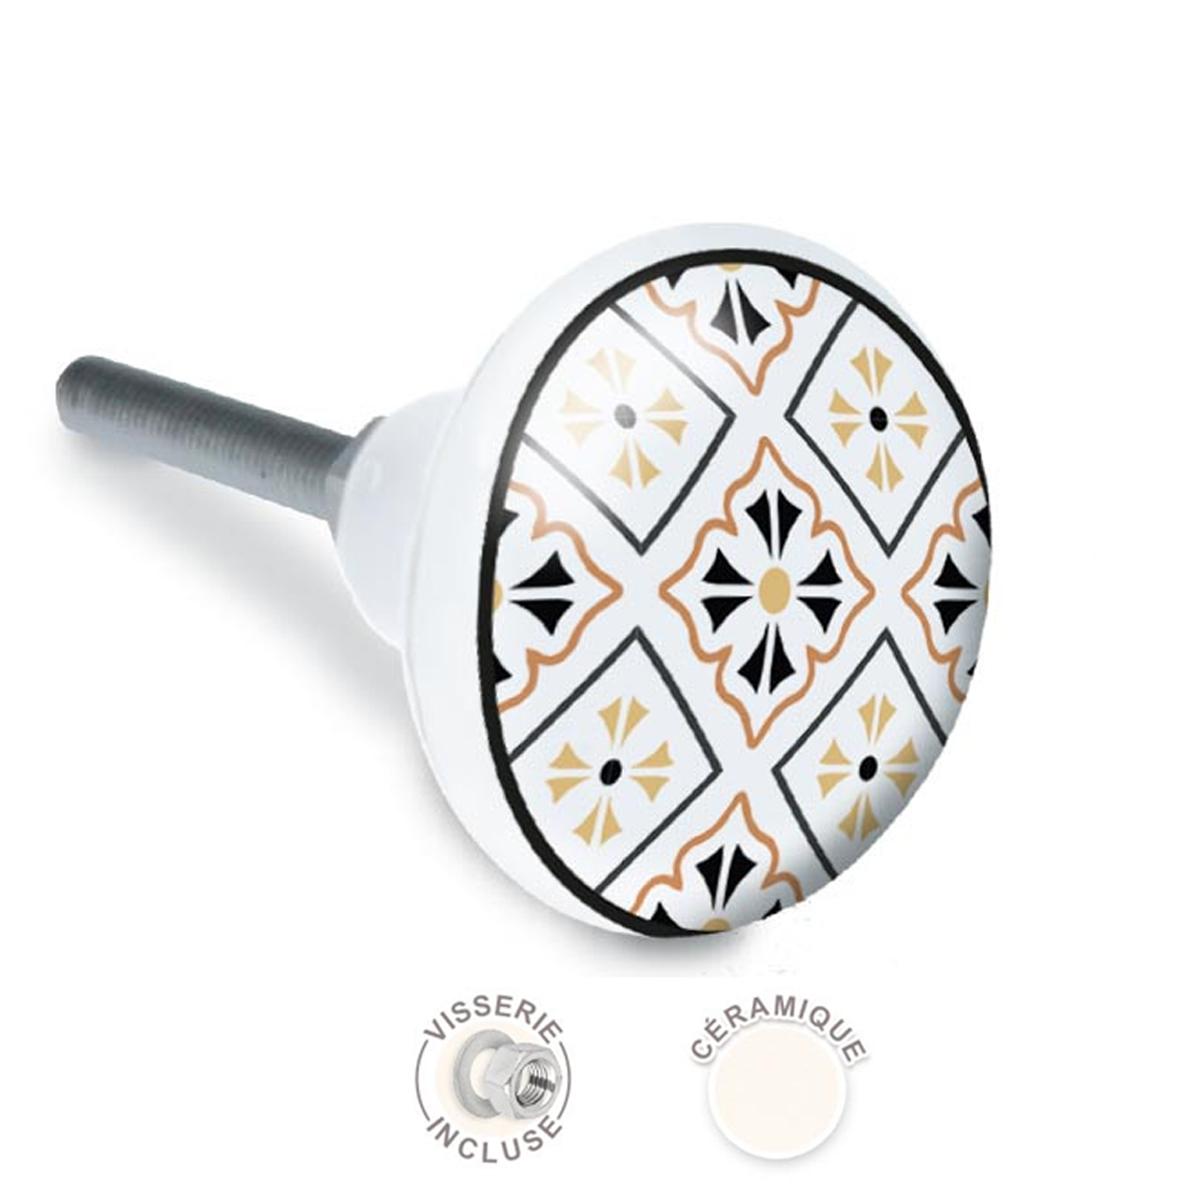 Bouton meuble céramique \'Carreaux de Ciment\' beige noir blanc - 65x35 mm - [A2518]